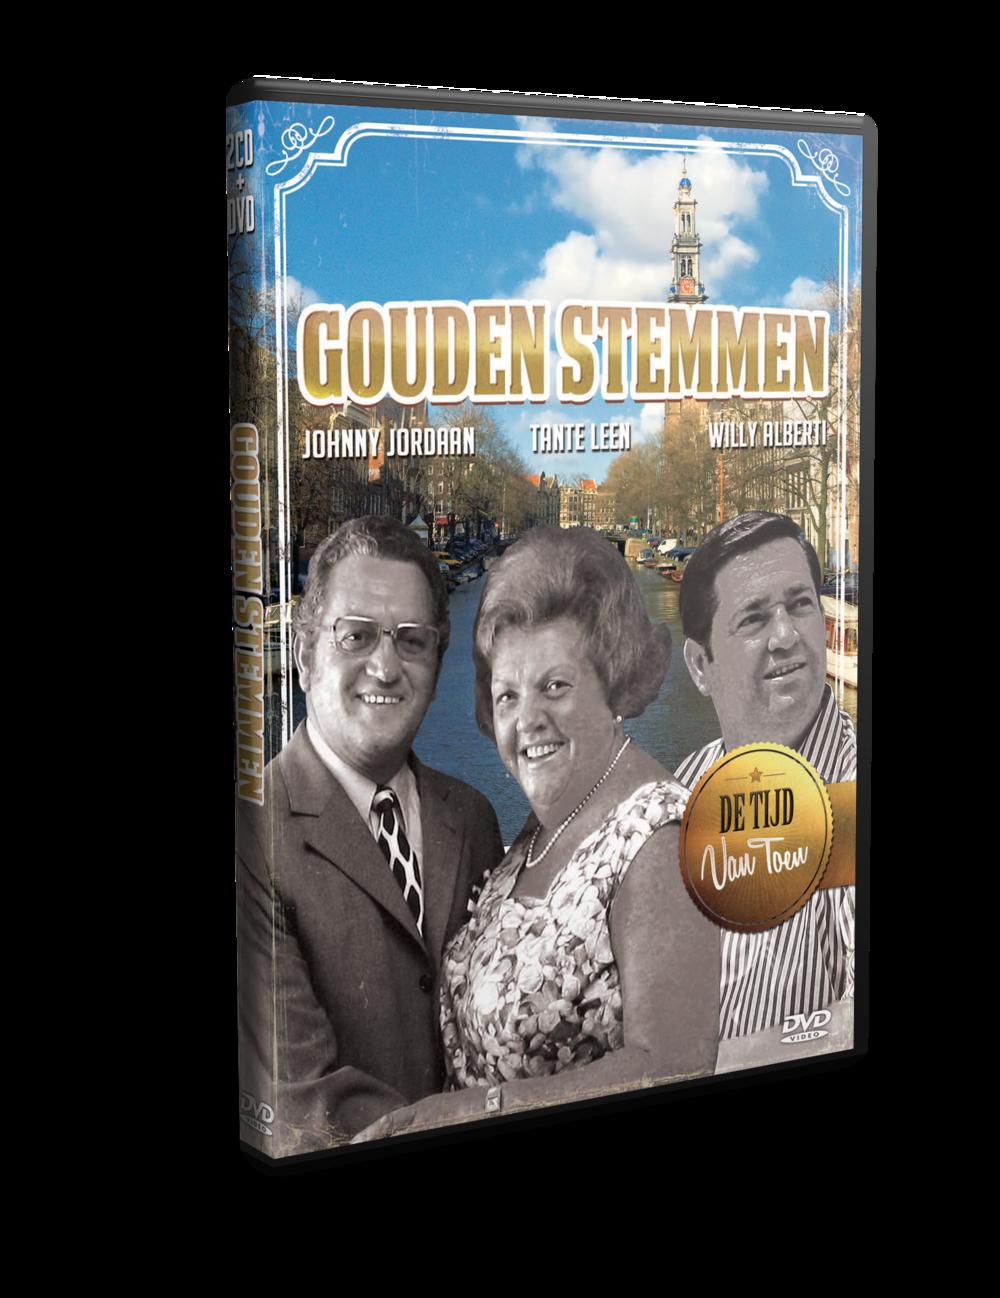 Gouden Stemmen DVD